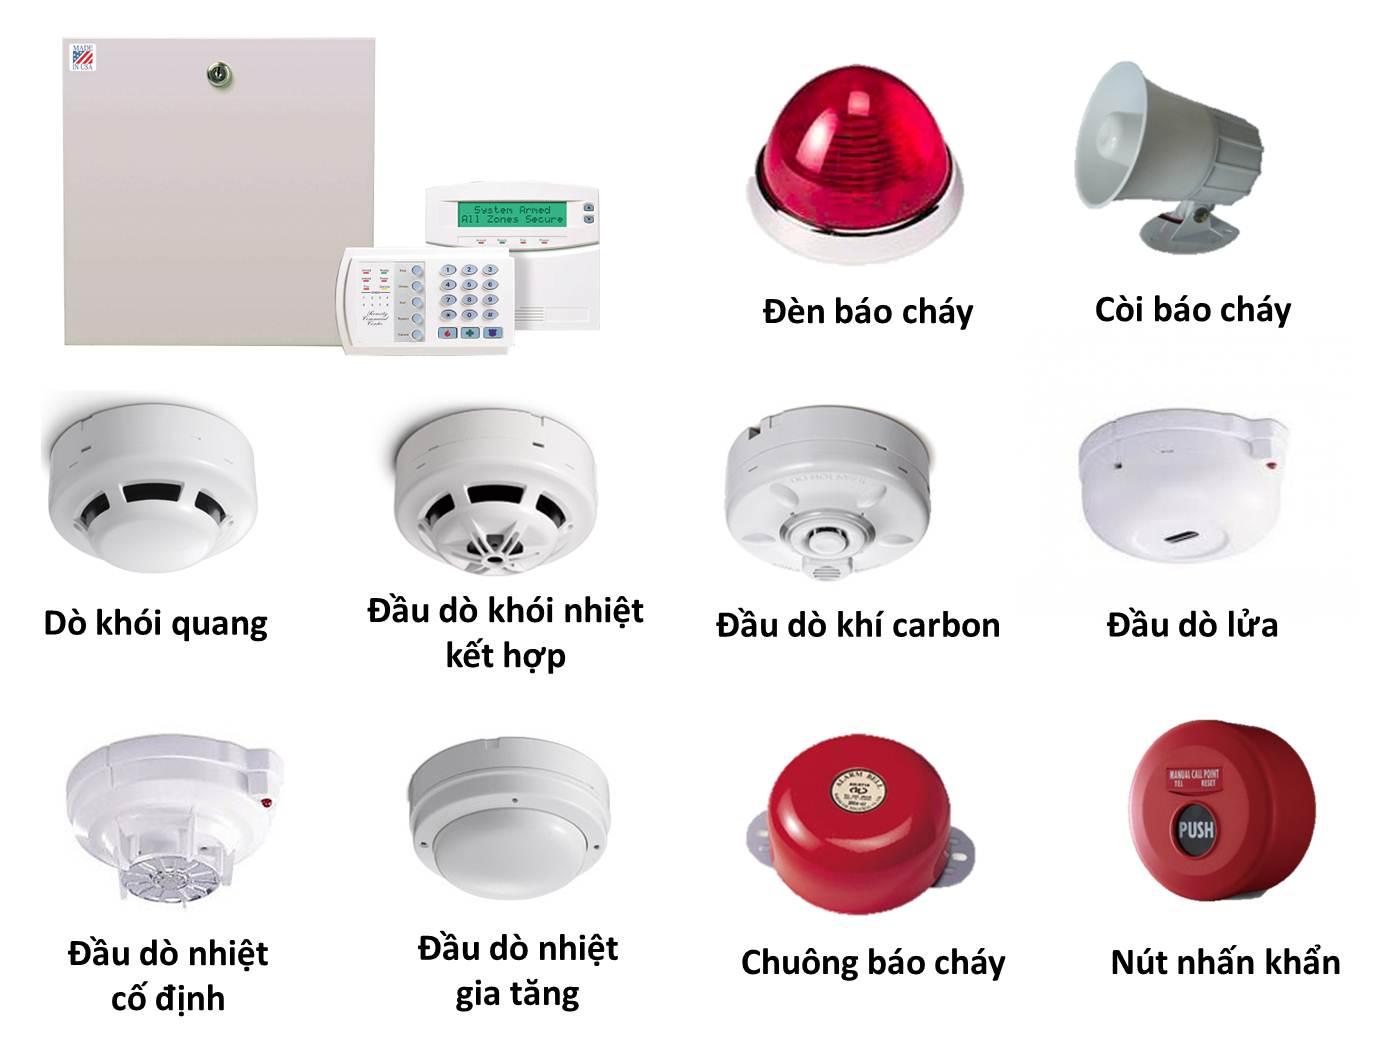 thiết bị an toàn cần có trong căn hộ